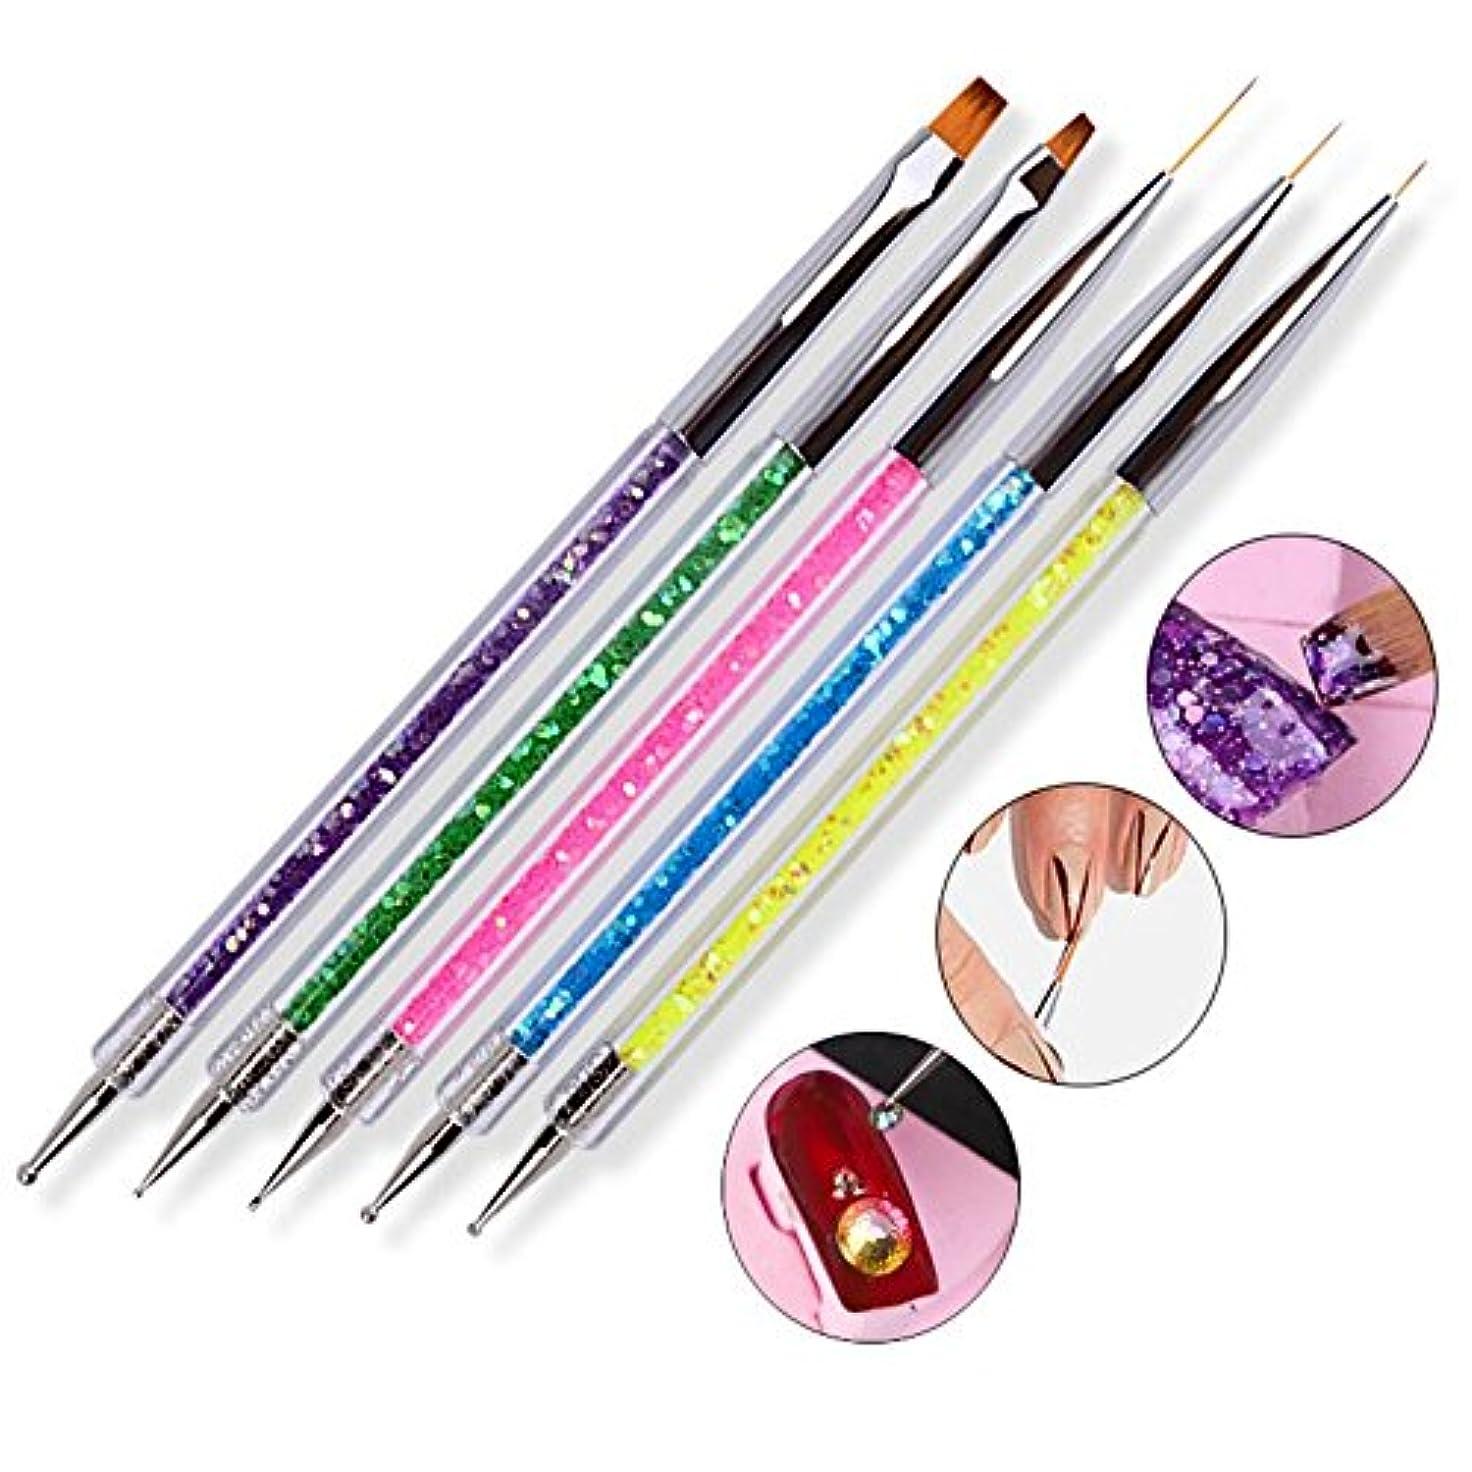 文庫本獣に関してEcloudShop5pcsネイルツールダブルポイント女性ネイルドローイングペン5色の明るい色スパンコールペイントPen Tow-ended Drill